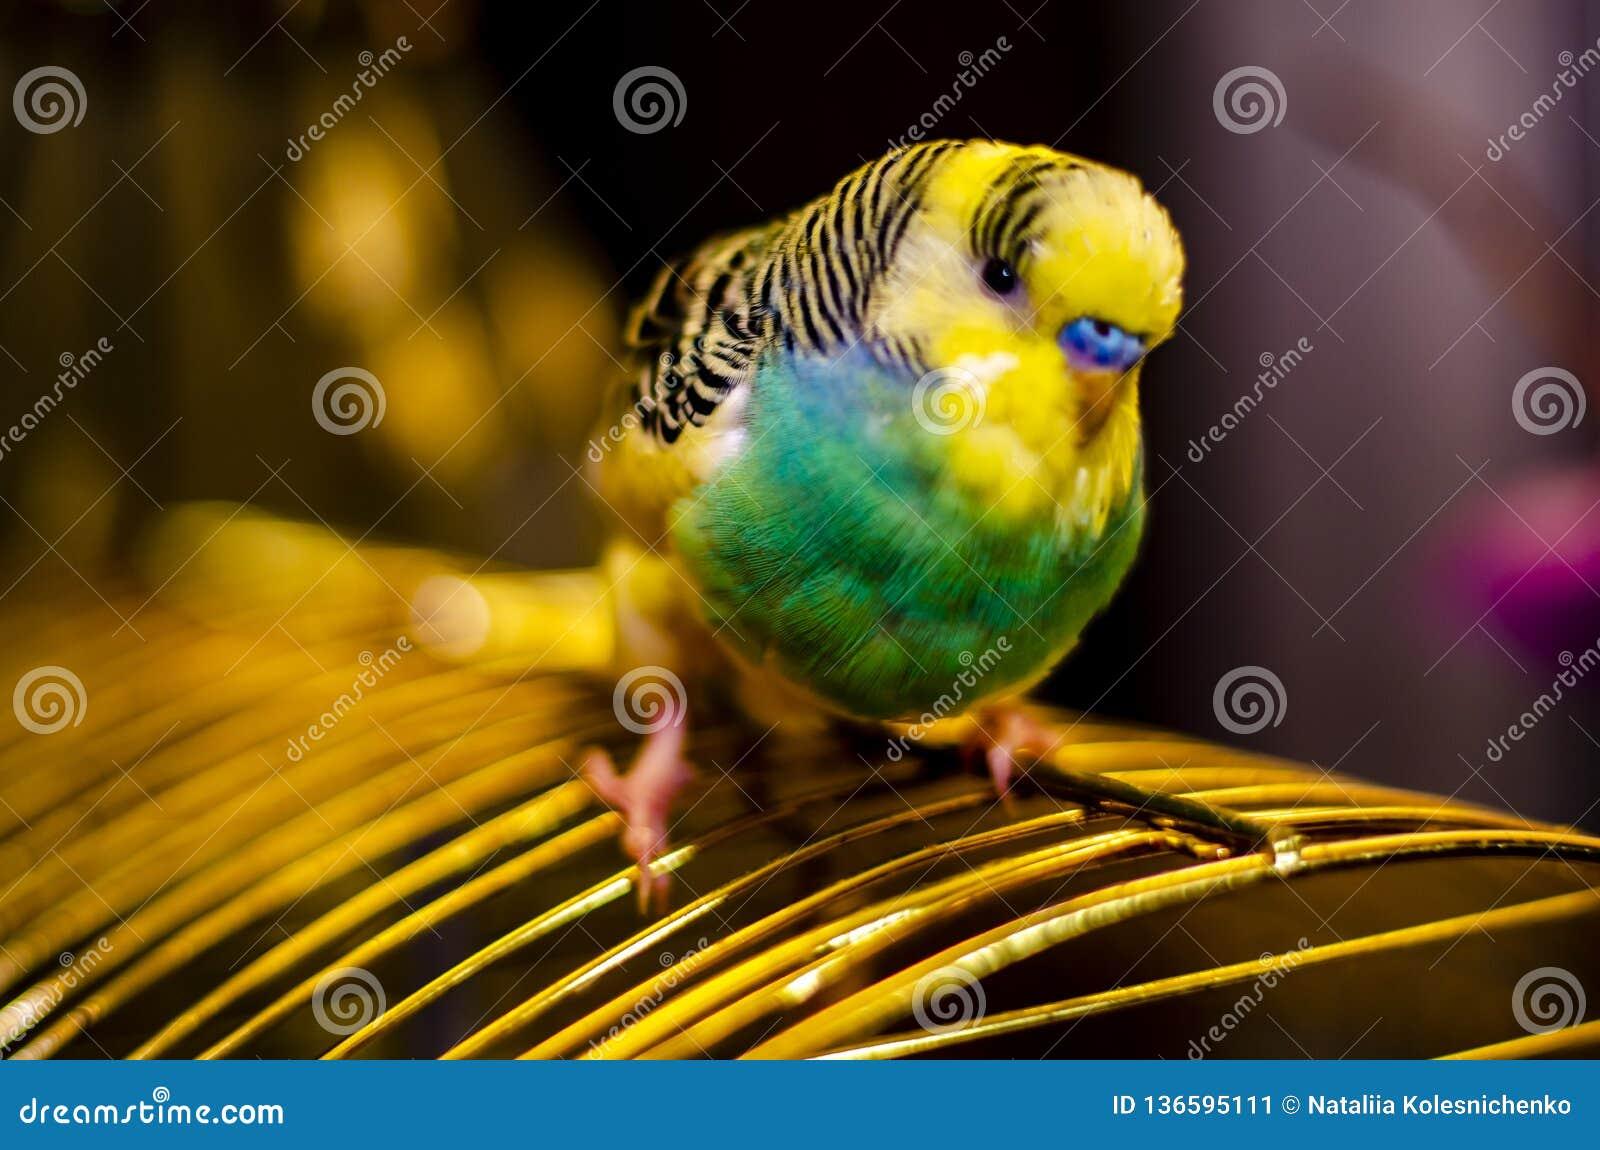 Close-up de um focinho de um pássaro ondulado do papagaio com um fundo borrado mughum